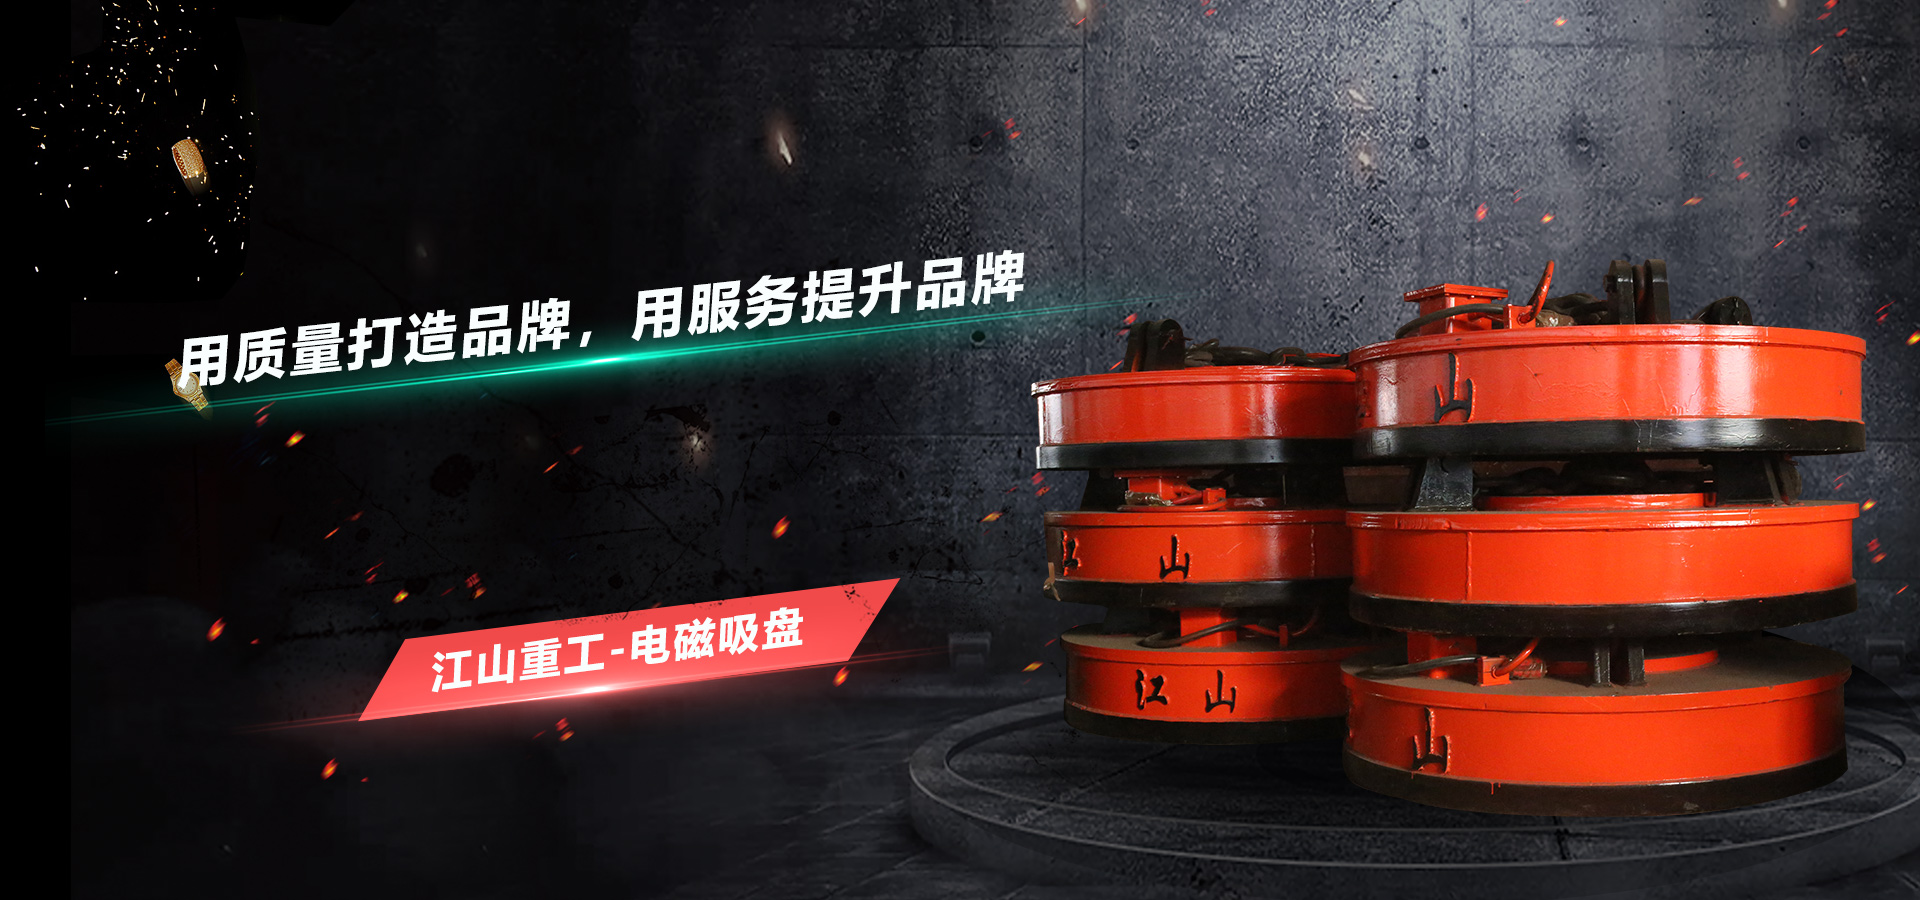 圆形电磁吸盘厂家直销 圆形电磁吸盘多少钱  圆形电磁吸盘市场价格